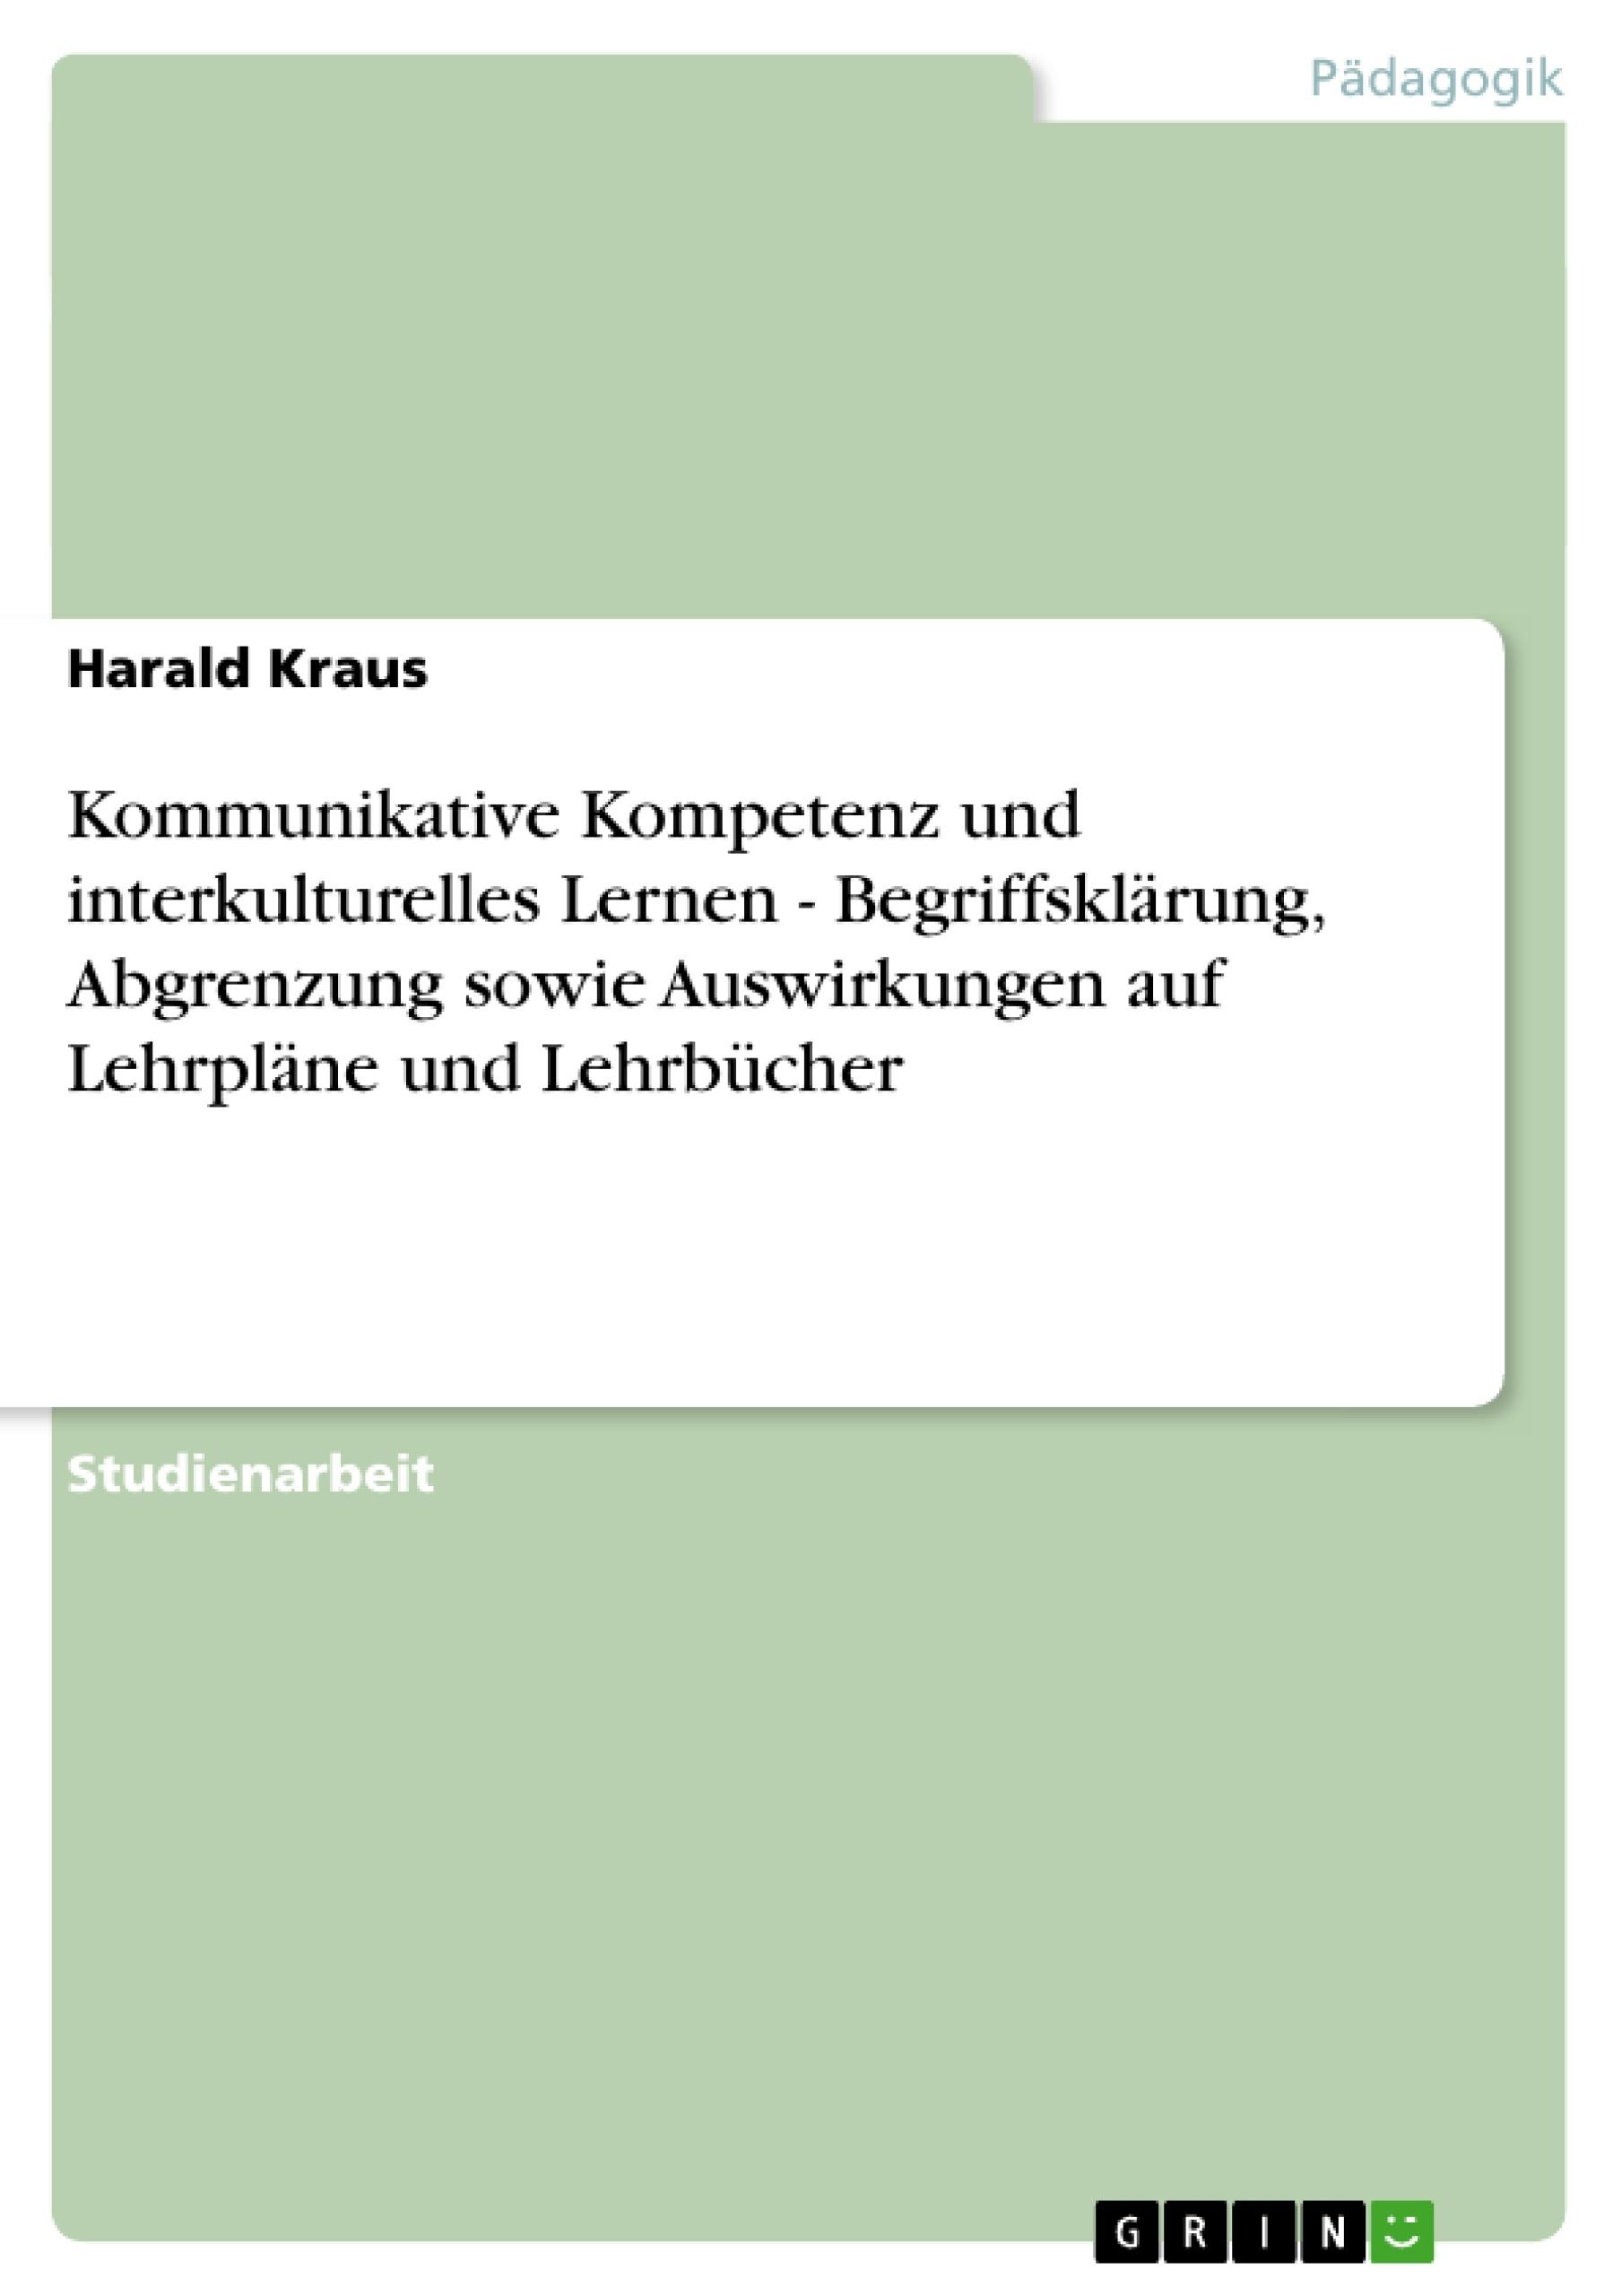 Titel: Kommunikative Kompetenz und interkulturelles Lernen - Begriffsklärung, Abgrenzung sowie Auswirkungen auf Lehrpläne und Lehrbücher